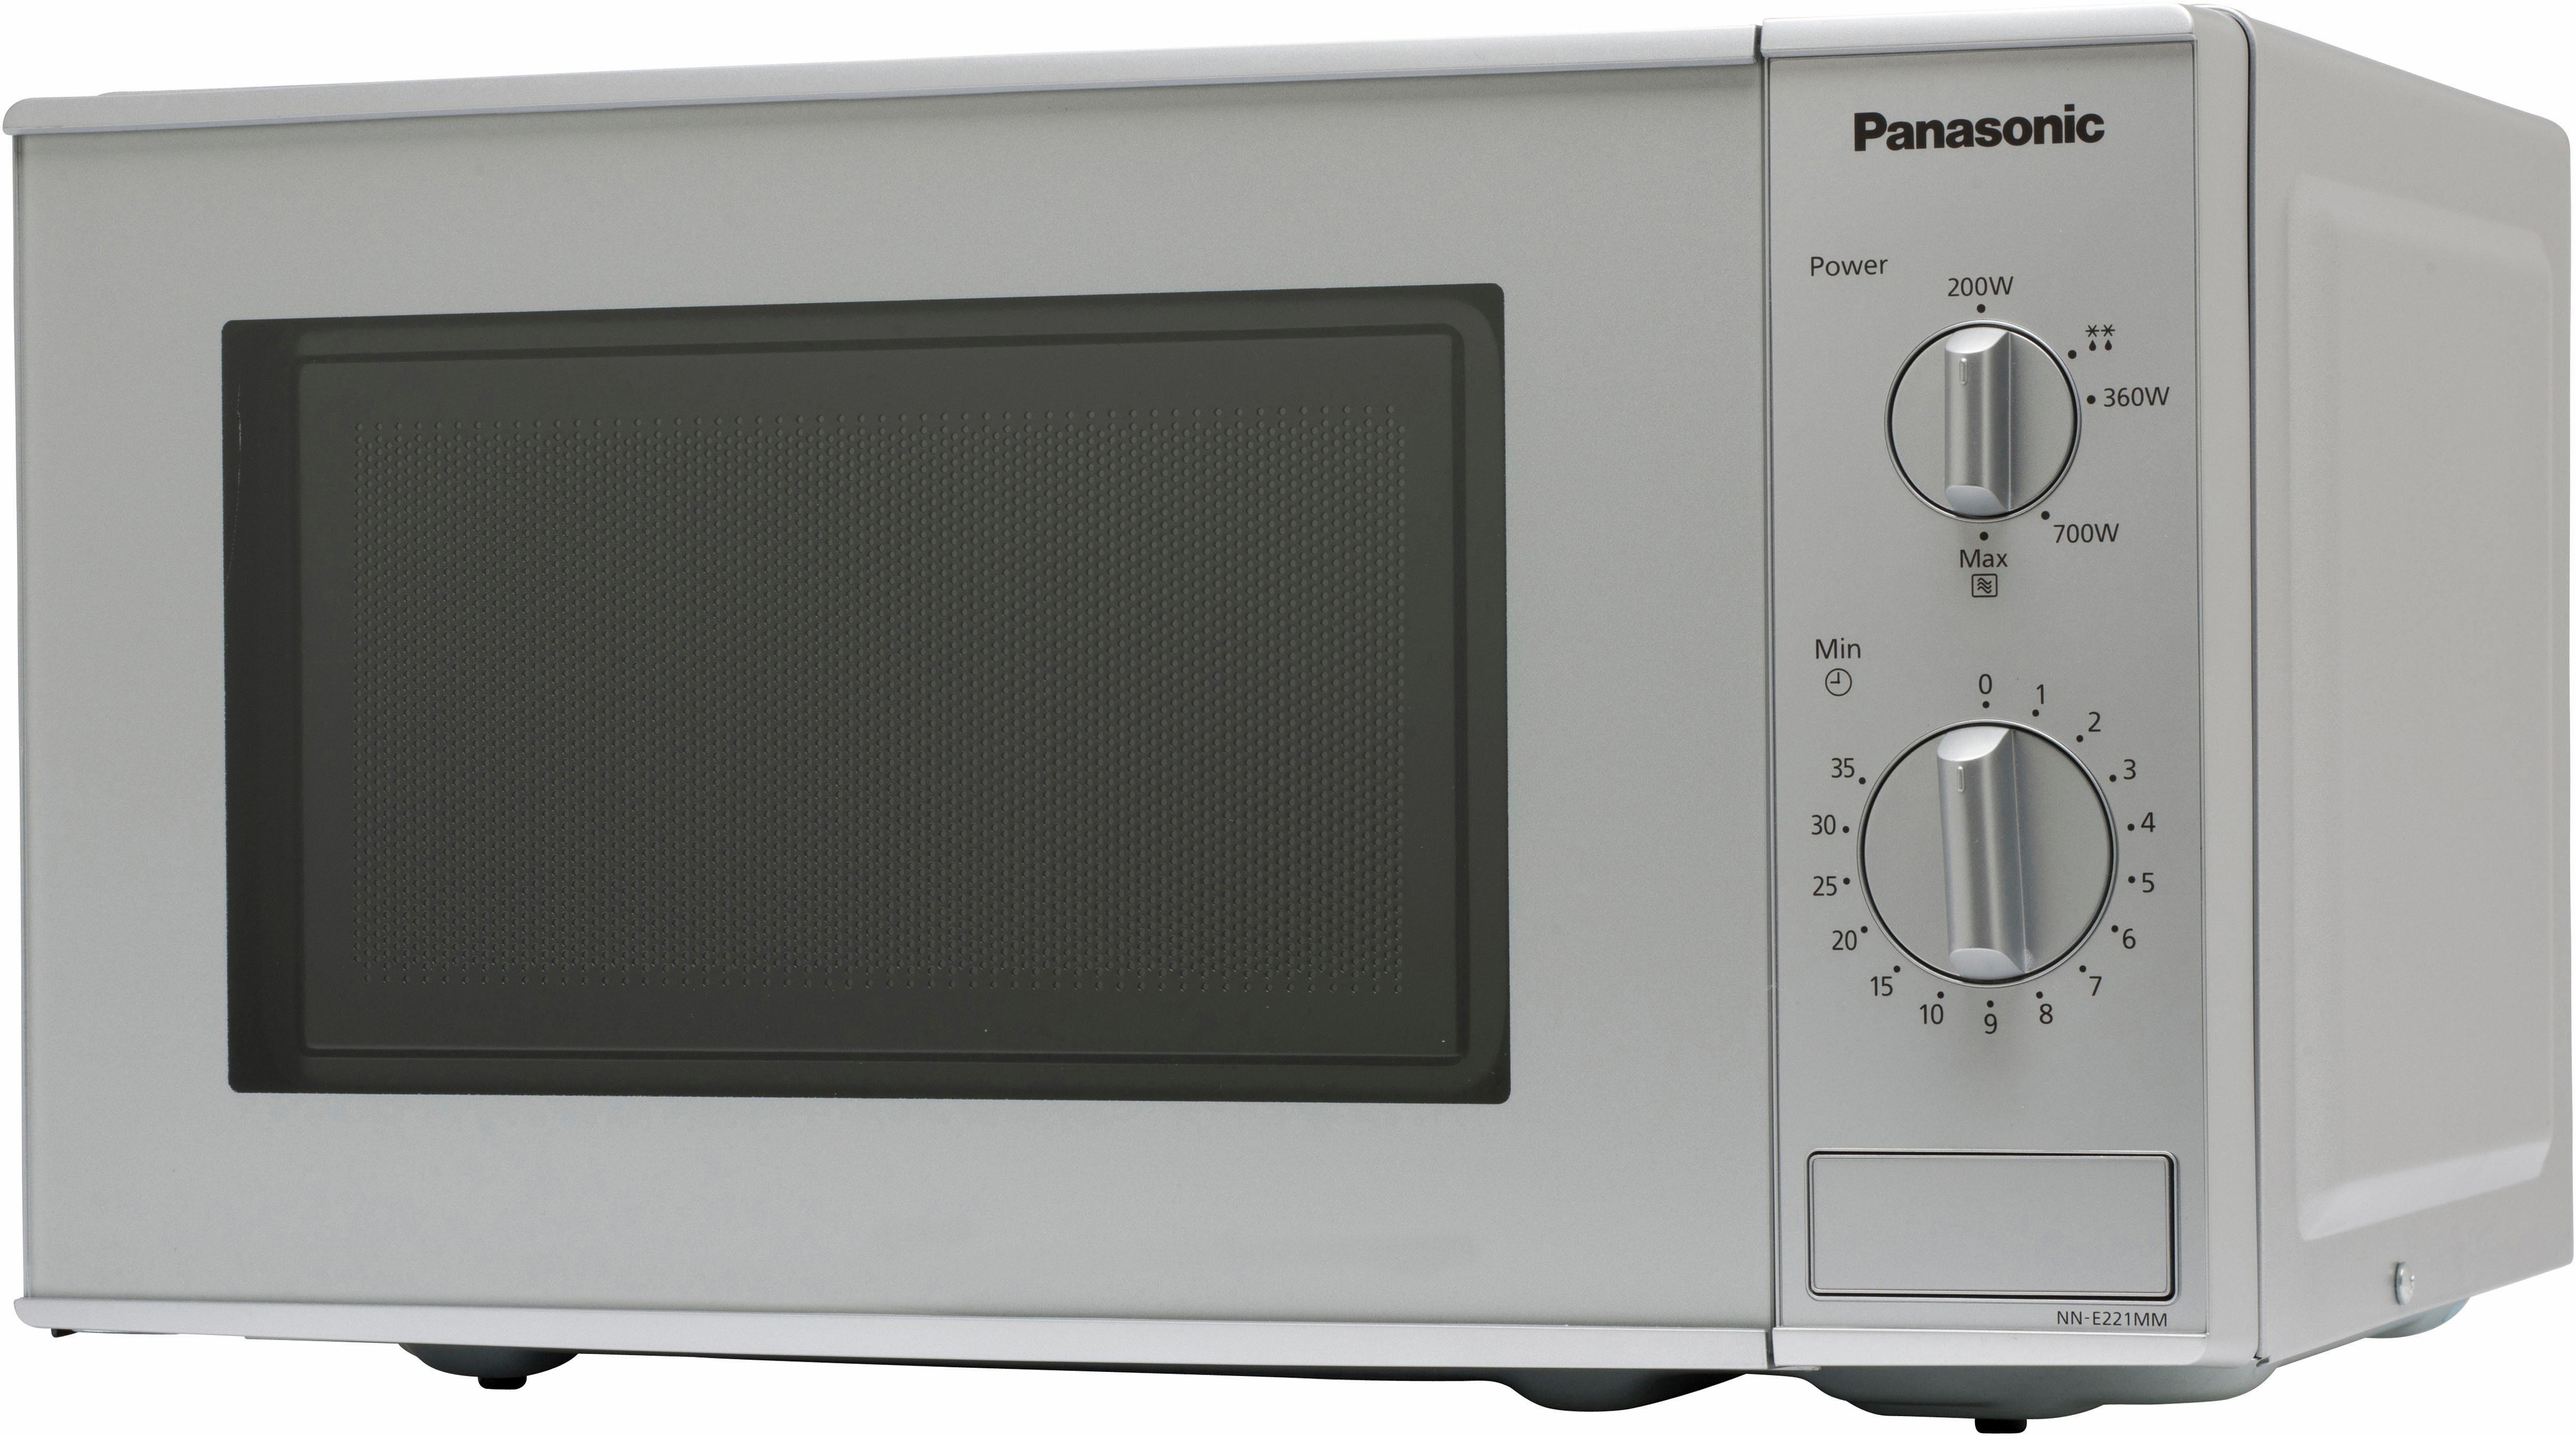 Panasonic Mikrowelle NN-E221MMEPG, 20 Liter, 800 Watt